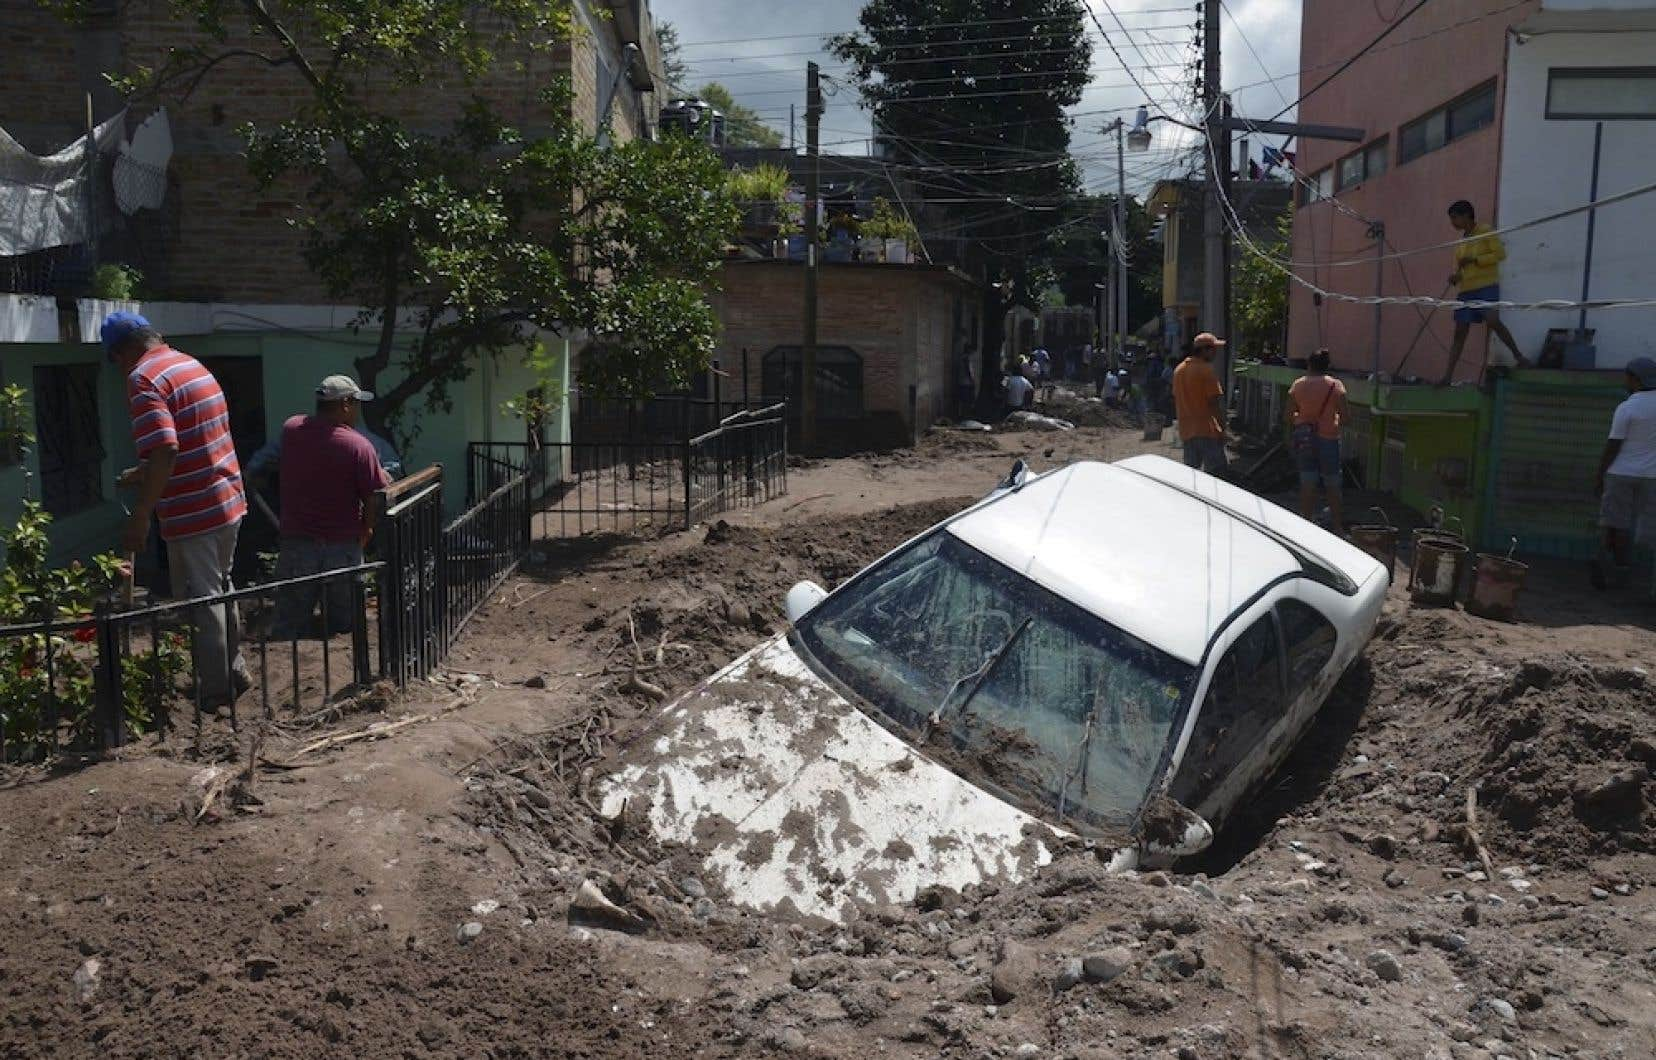 Une voiture est enterrée dans la boue, à Mexico, après le passage de la tempête tropicale Manuel.